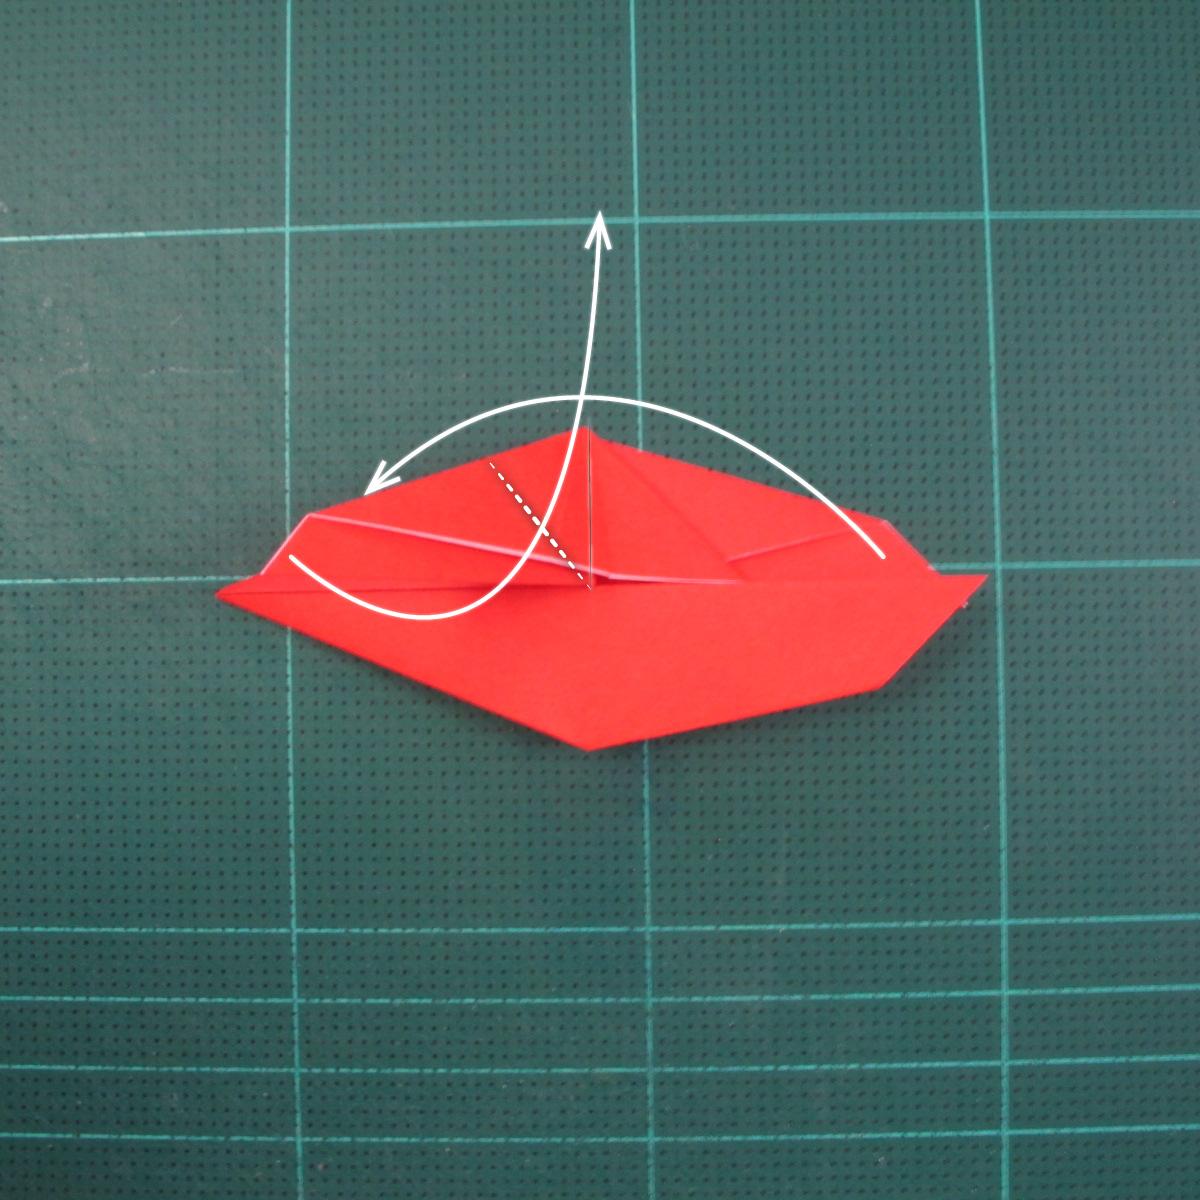 วิธีพับกระดาษเป็นรูปแมลงปอ (Origami Dragonfly) 012